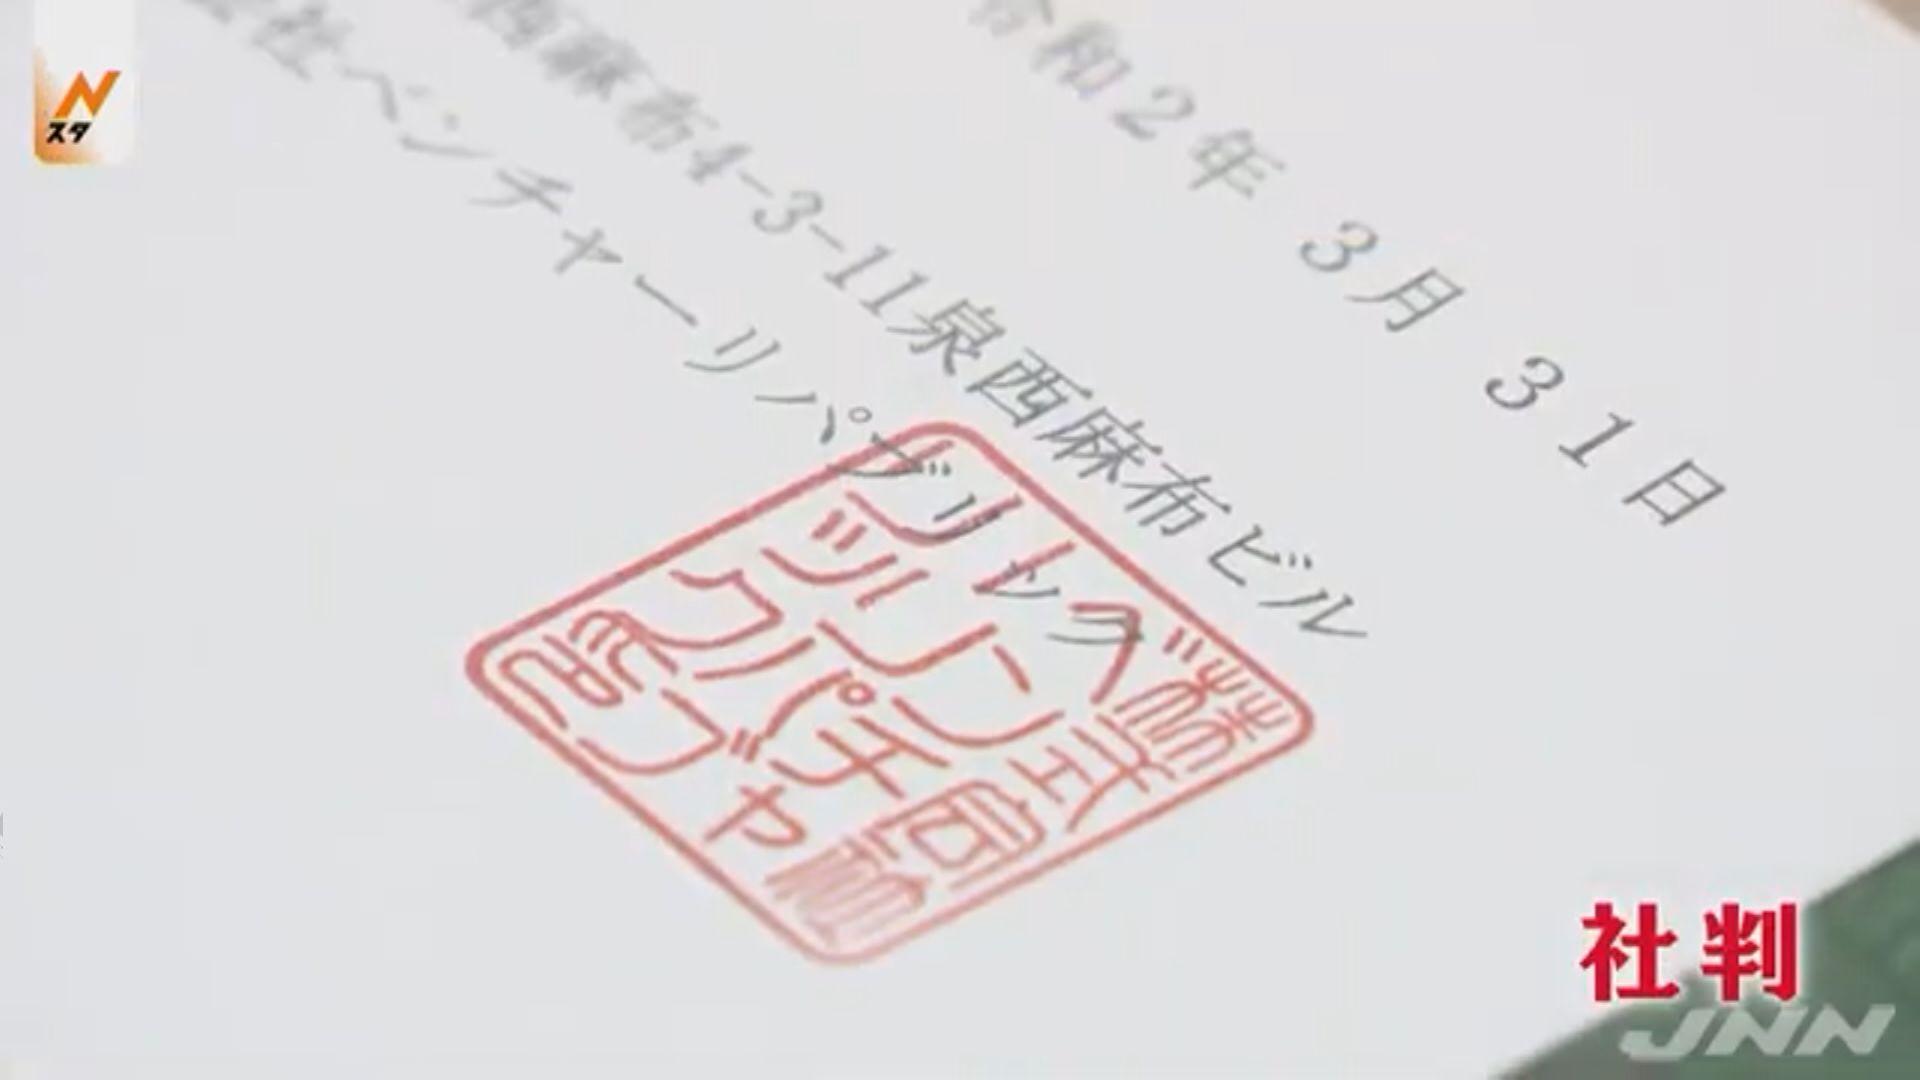 菅義偉要求廢除於行政文件上用印章